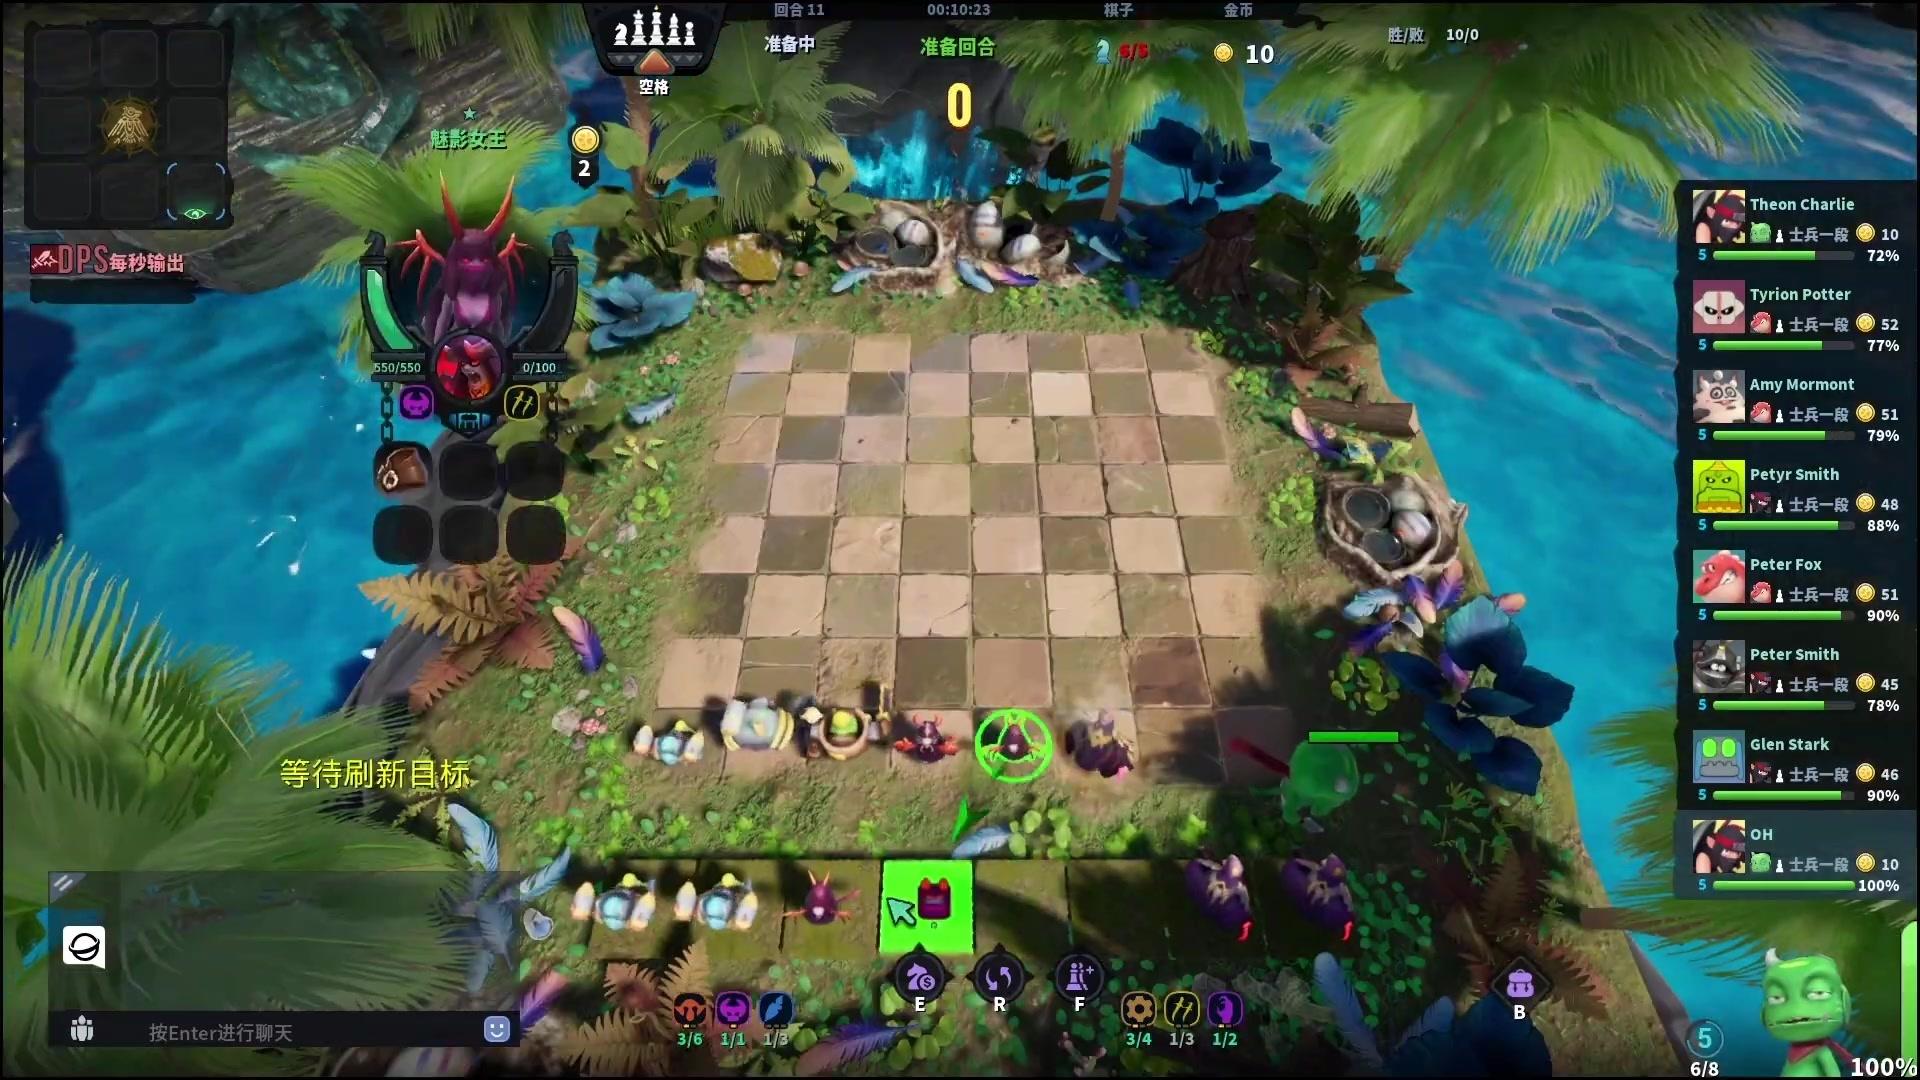 Auto Chess - Kurze Spielszenen aus der Standalone-Version